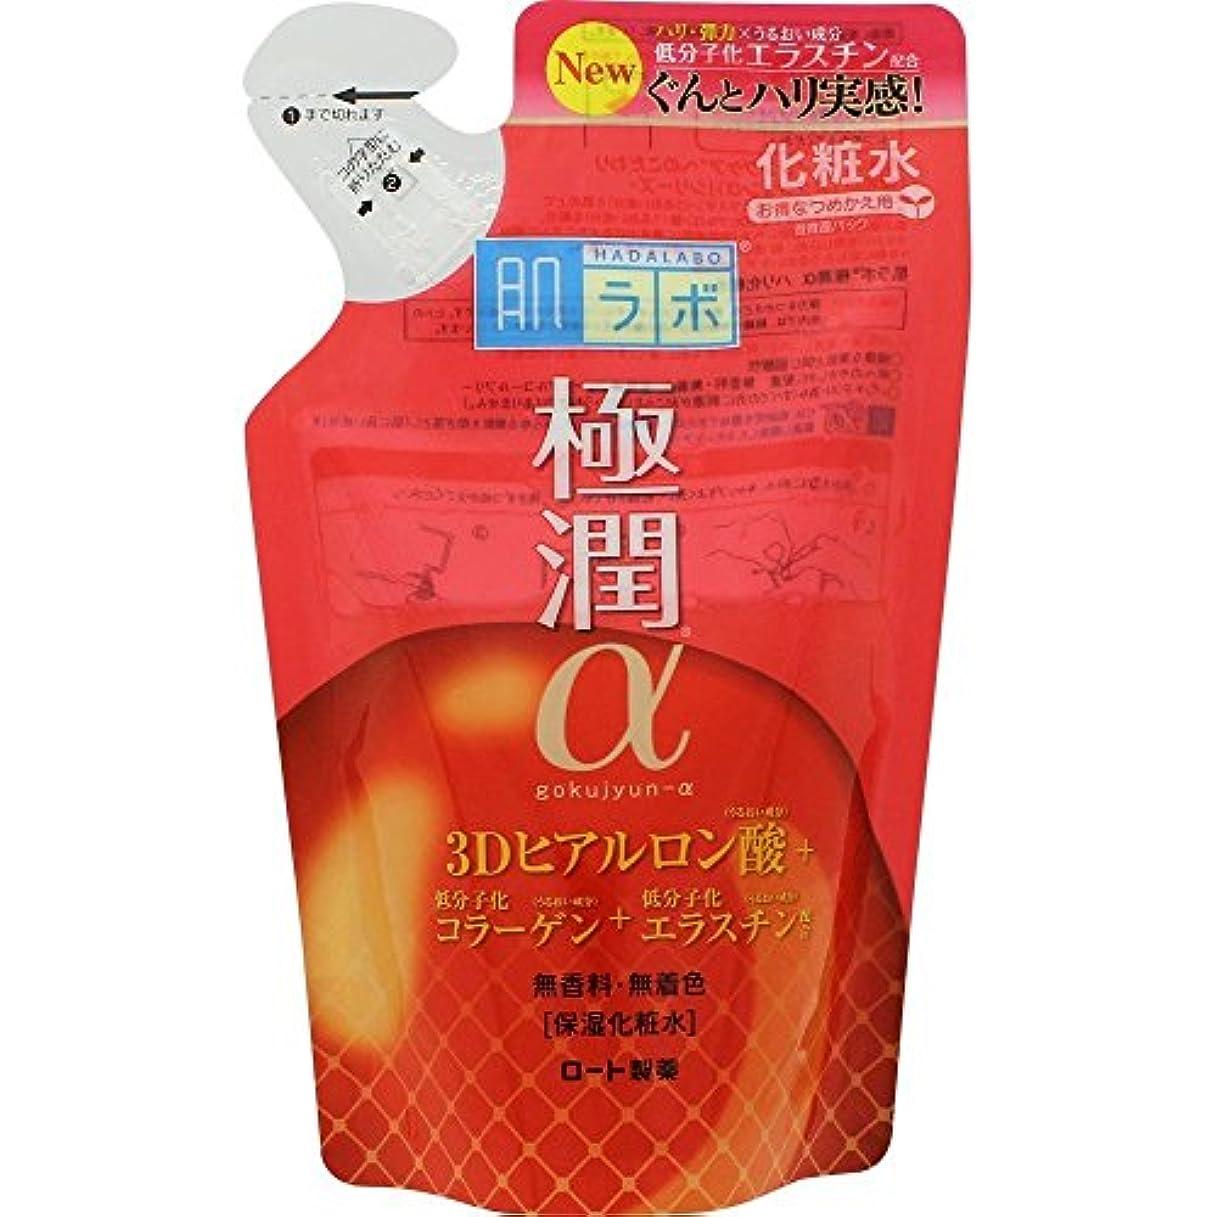 変色する台風自発肌ラボ 極潤α ハリ化粧水 <つめかえ用> 170mL